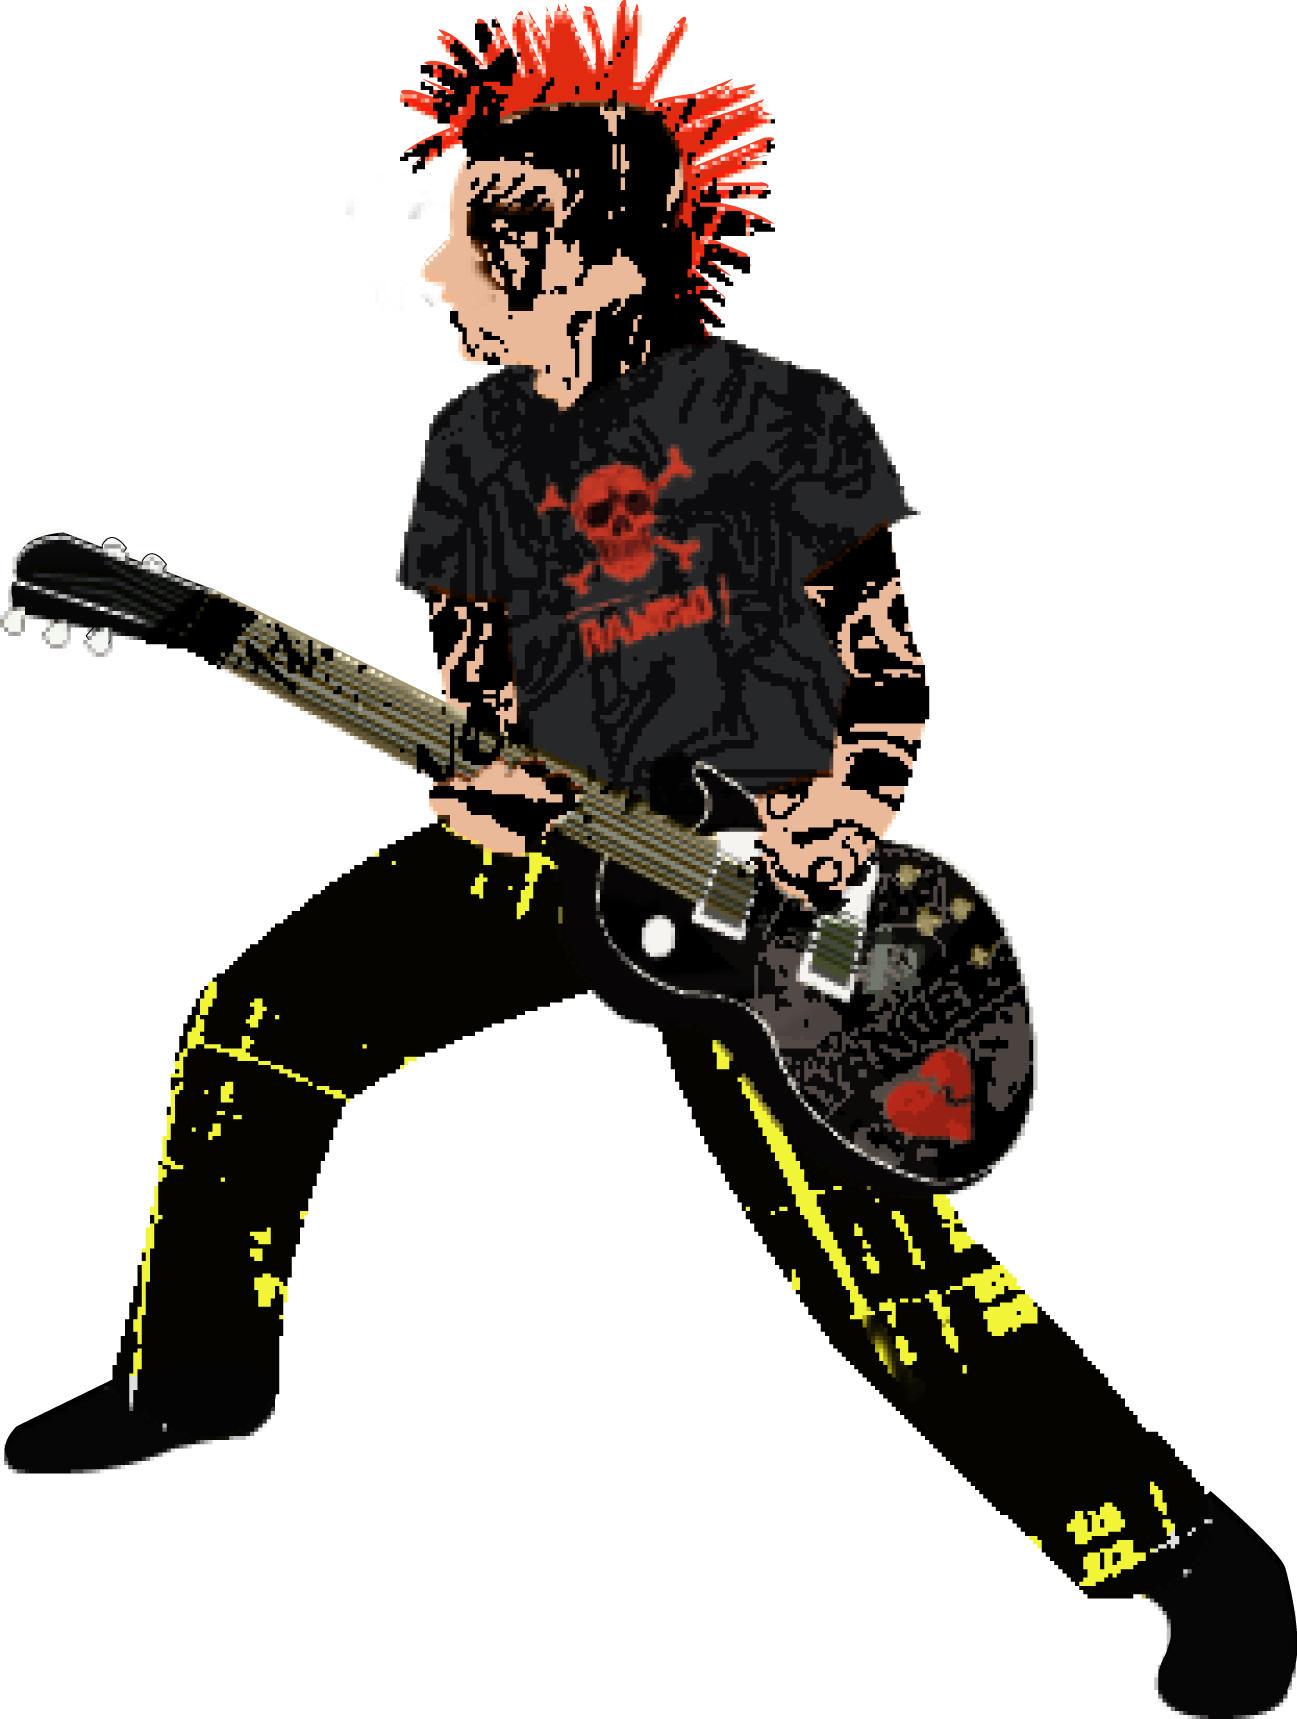 punk rock guitar college by bionikdesign on deviantart. Black Bedroom Furniture Sets. Home Design Ideas